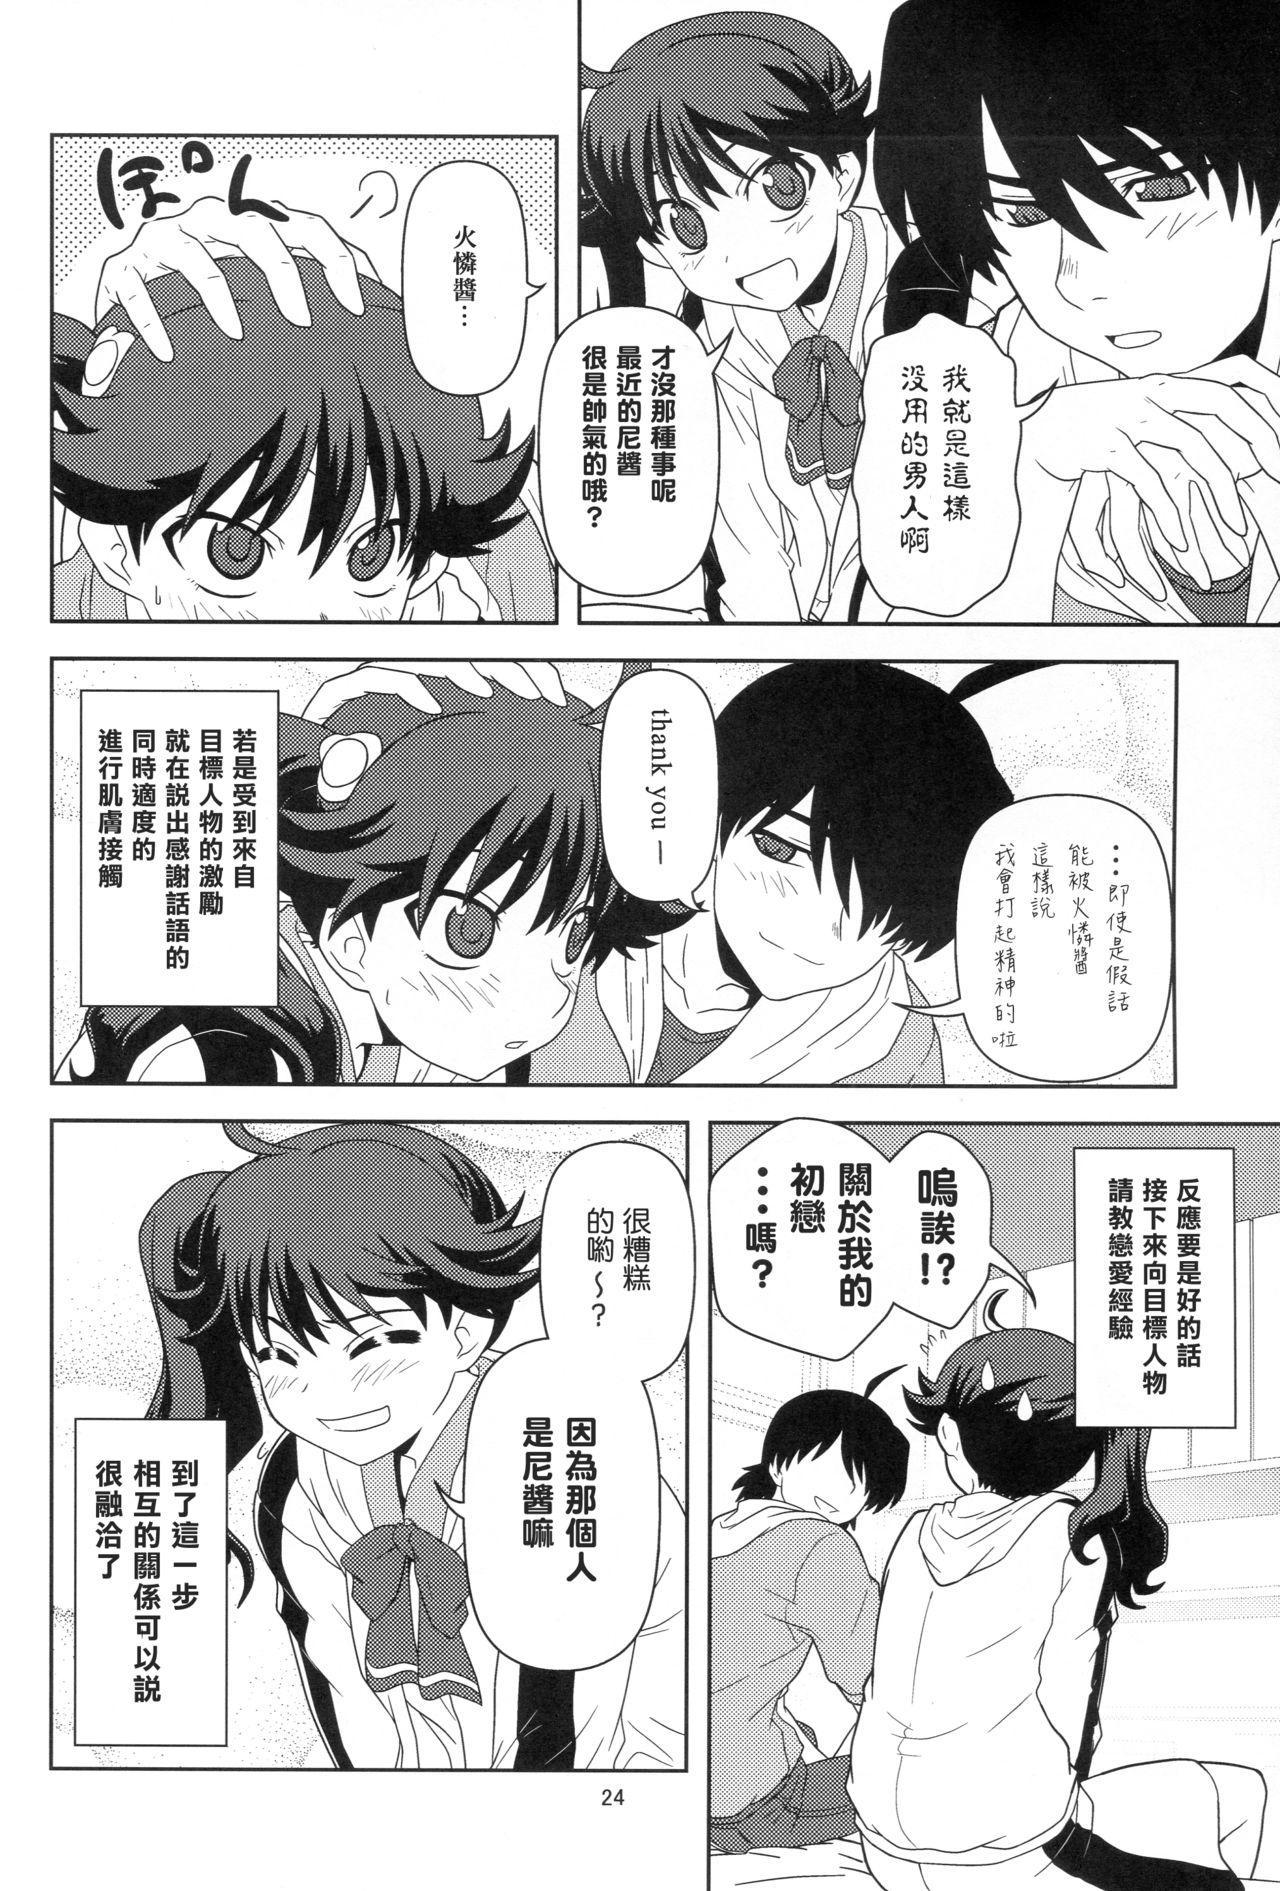 Nii-chan wa Sonna Koto Dakara 23